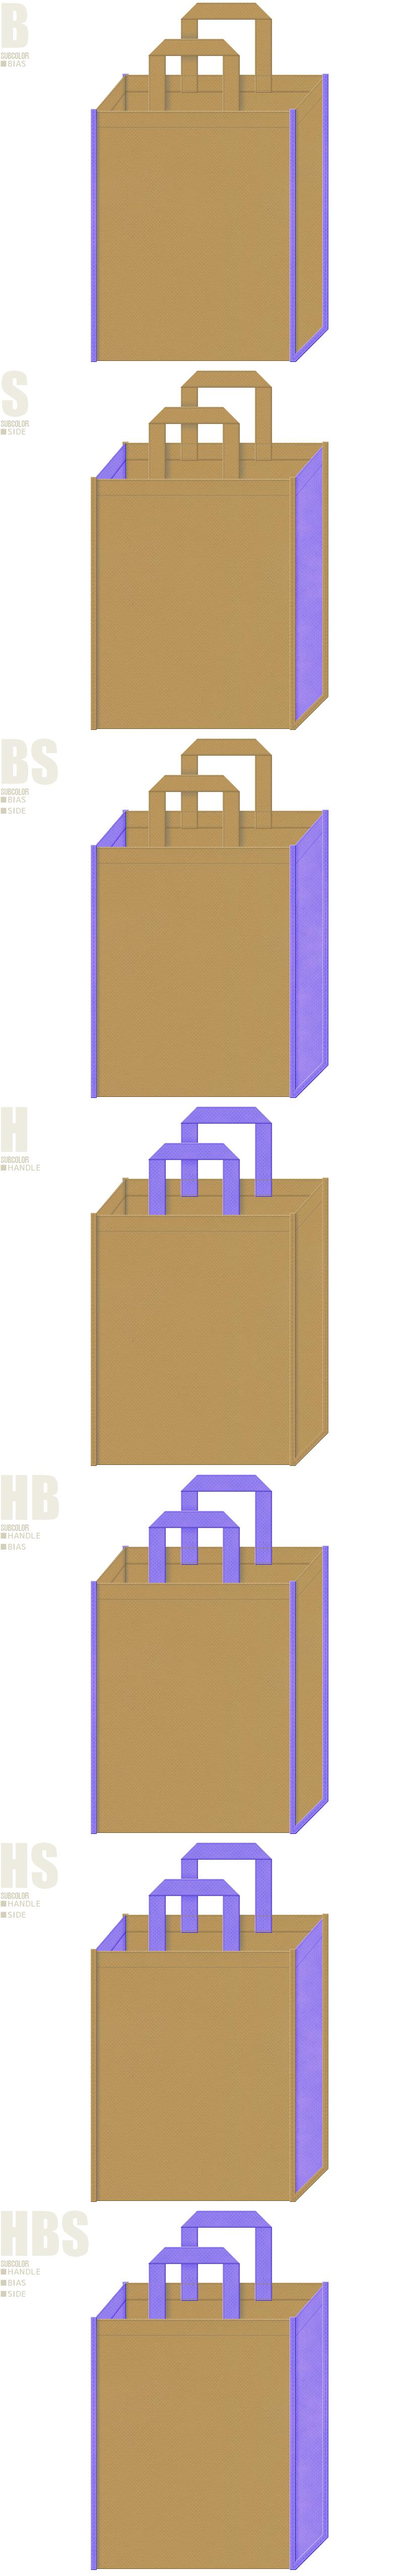 金黄土色と明るめの紫色、7パターンの不織布トートバッグ配色デザイン例。